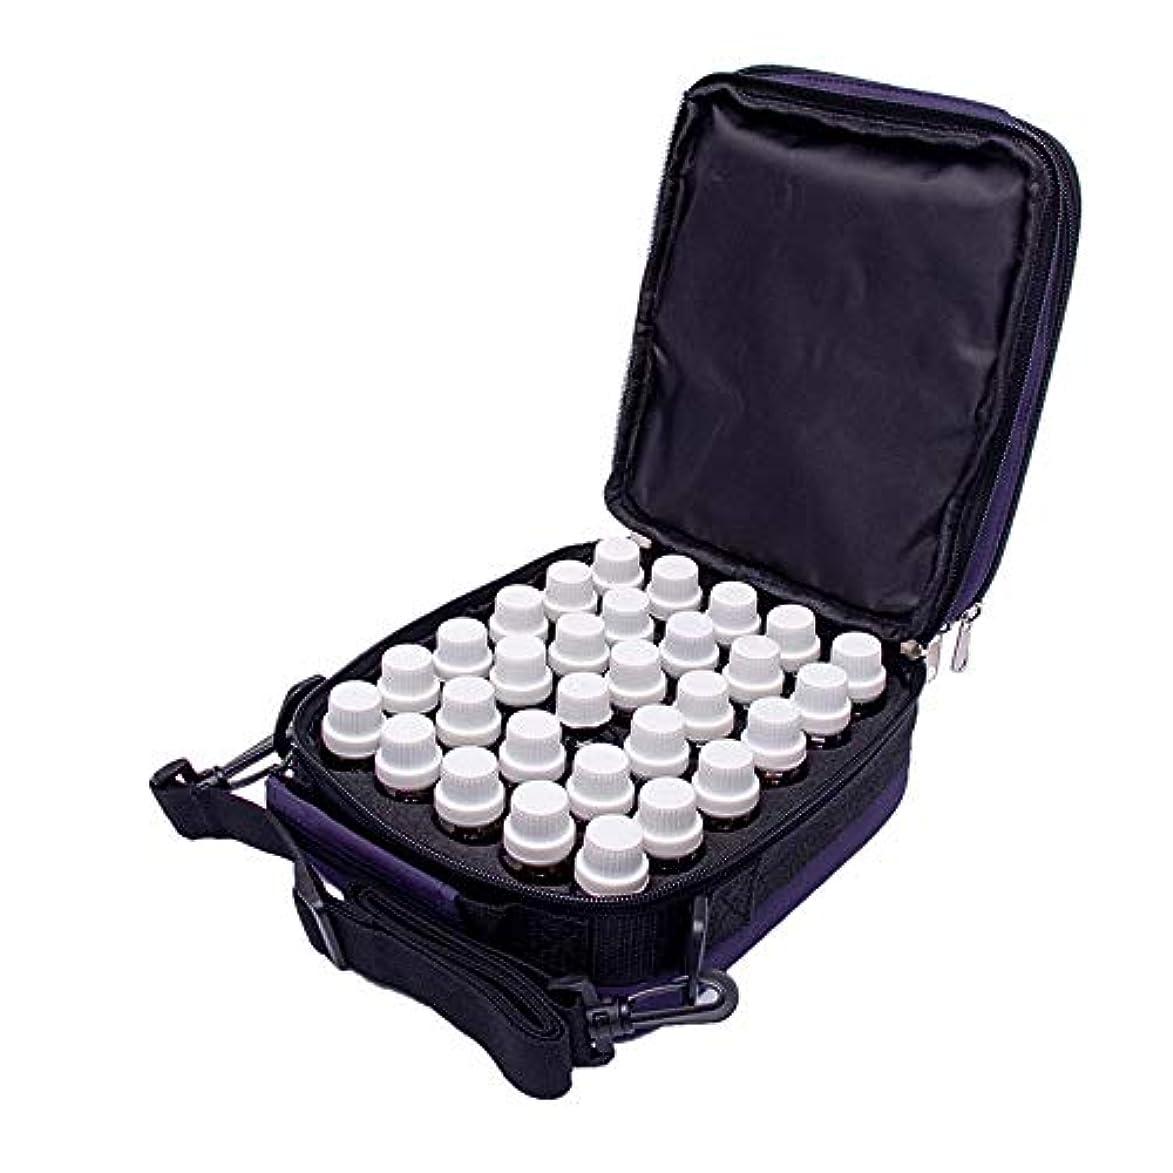 モザイク食料品店機関車エッセンシャルオイル収納ボックス ボトル5?10mlのバイアル18X13X21CMのためのケーストートバッグキャリング42-ボトルエッセンシャルオイルディフューザー ポータブル収納ボックス (色 : 紫の, サイズ :...